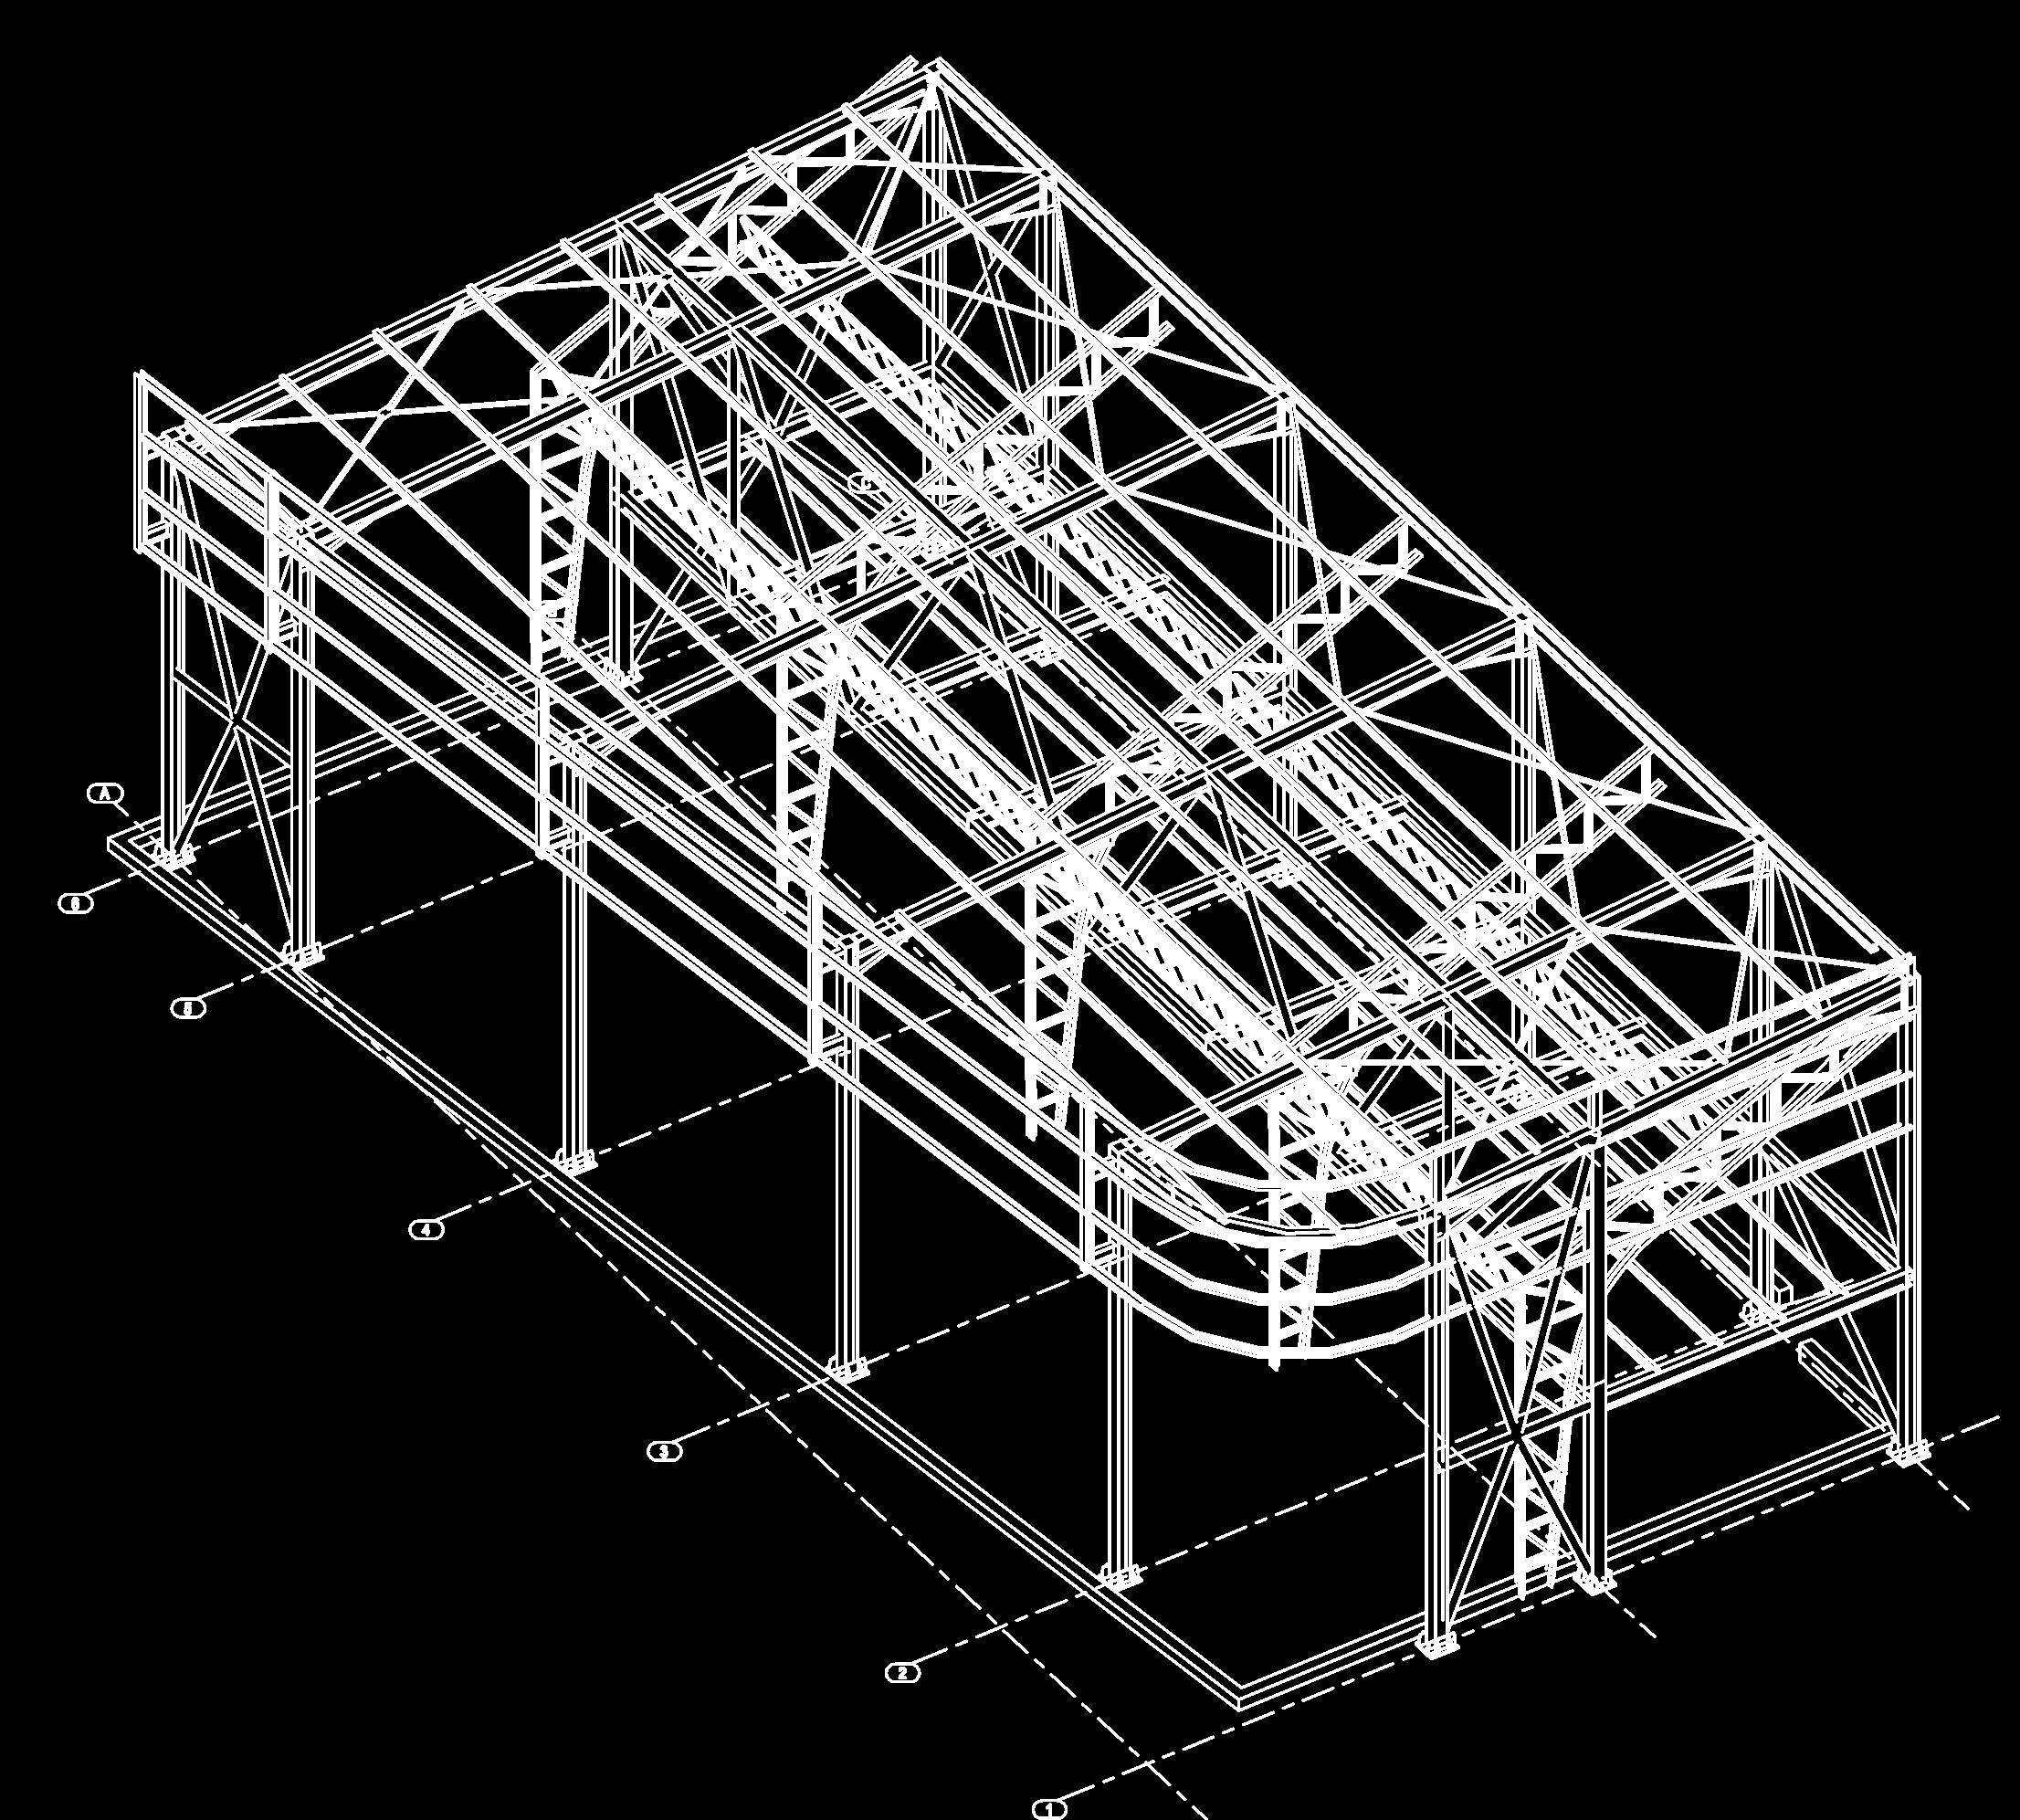 Axonométrie de la structure.